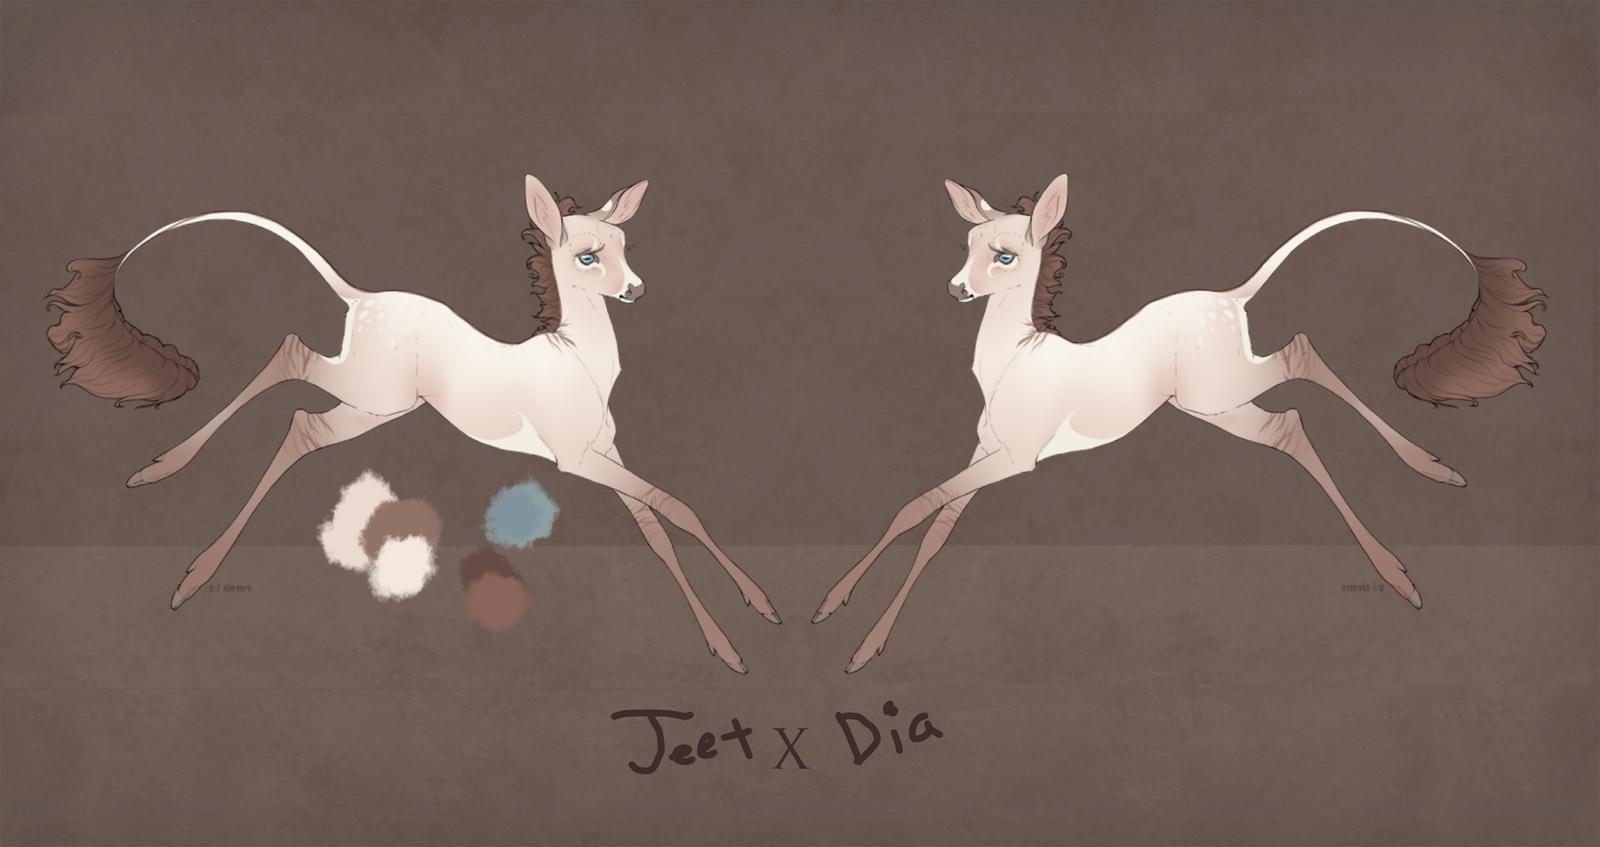 Jeet X Dia design by FrostCoveredFields